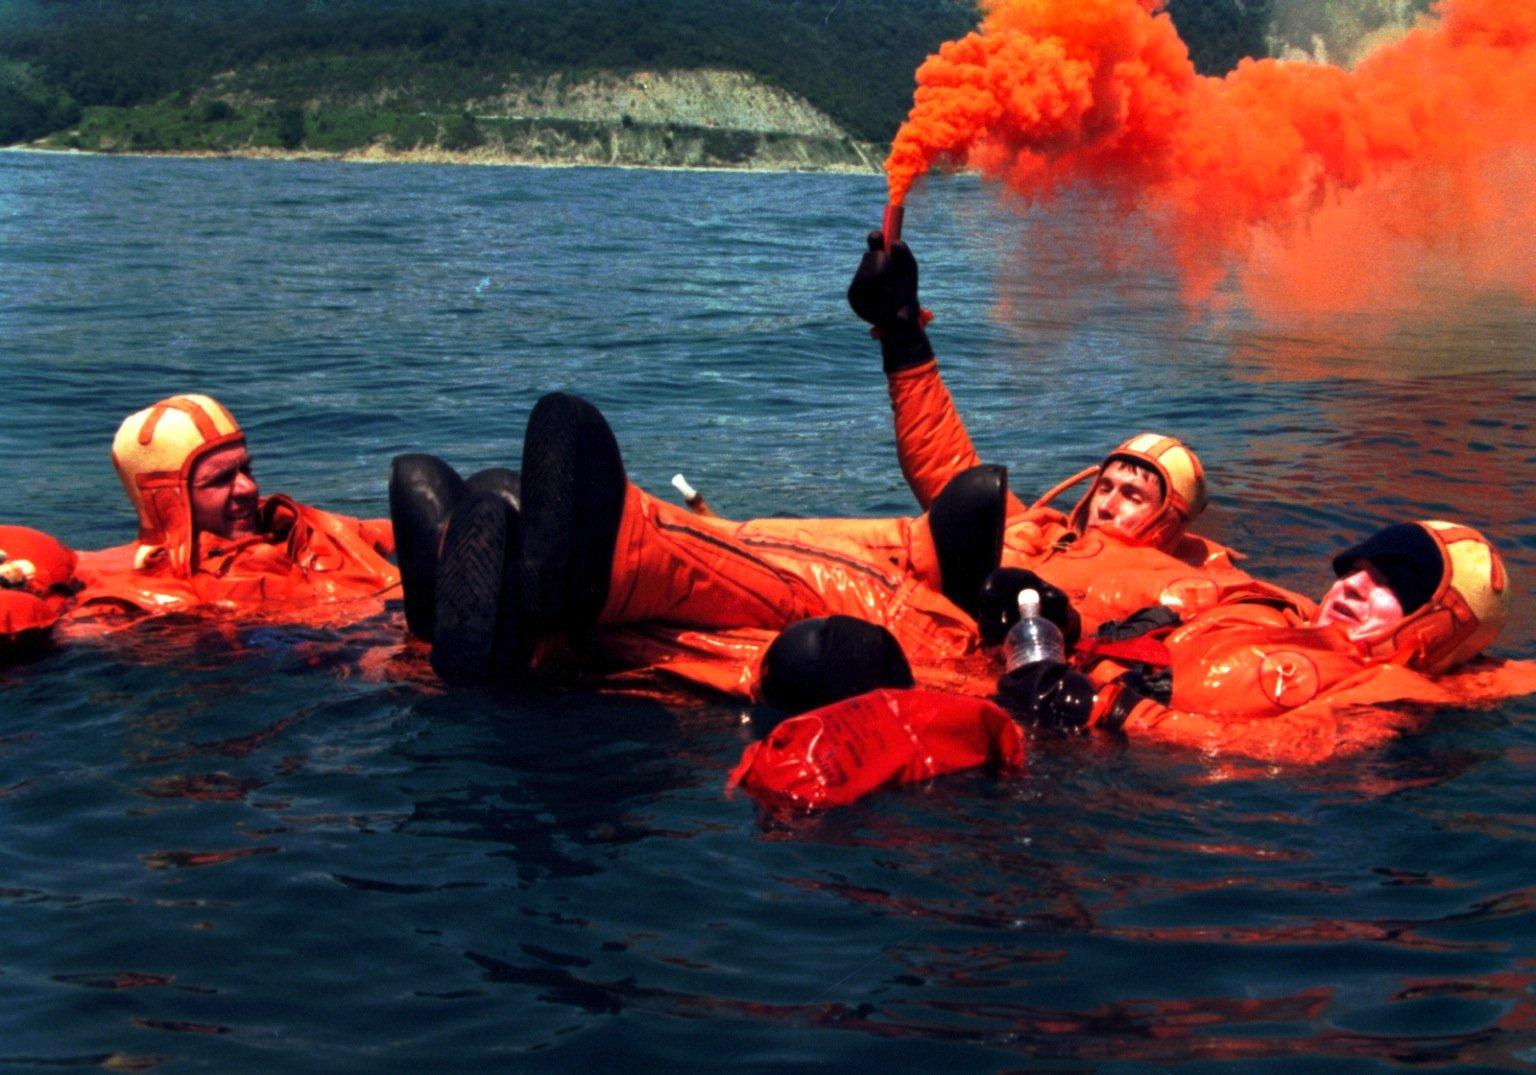 1997, drei Jahre vor ihrem Flug zur ISS, trainierte Crew Nr. 1 im Schwarzen Meer Überlebensmaßnahmen für den Fall, dass die Sojus-Rakete nicht auf Land, sondern auf Wasser landen sollte.